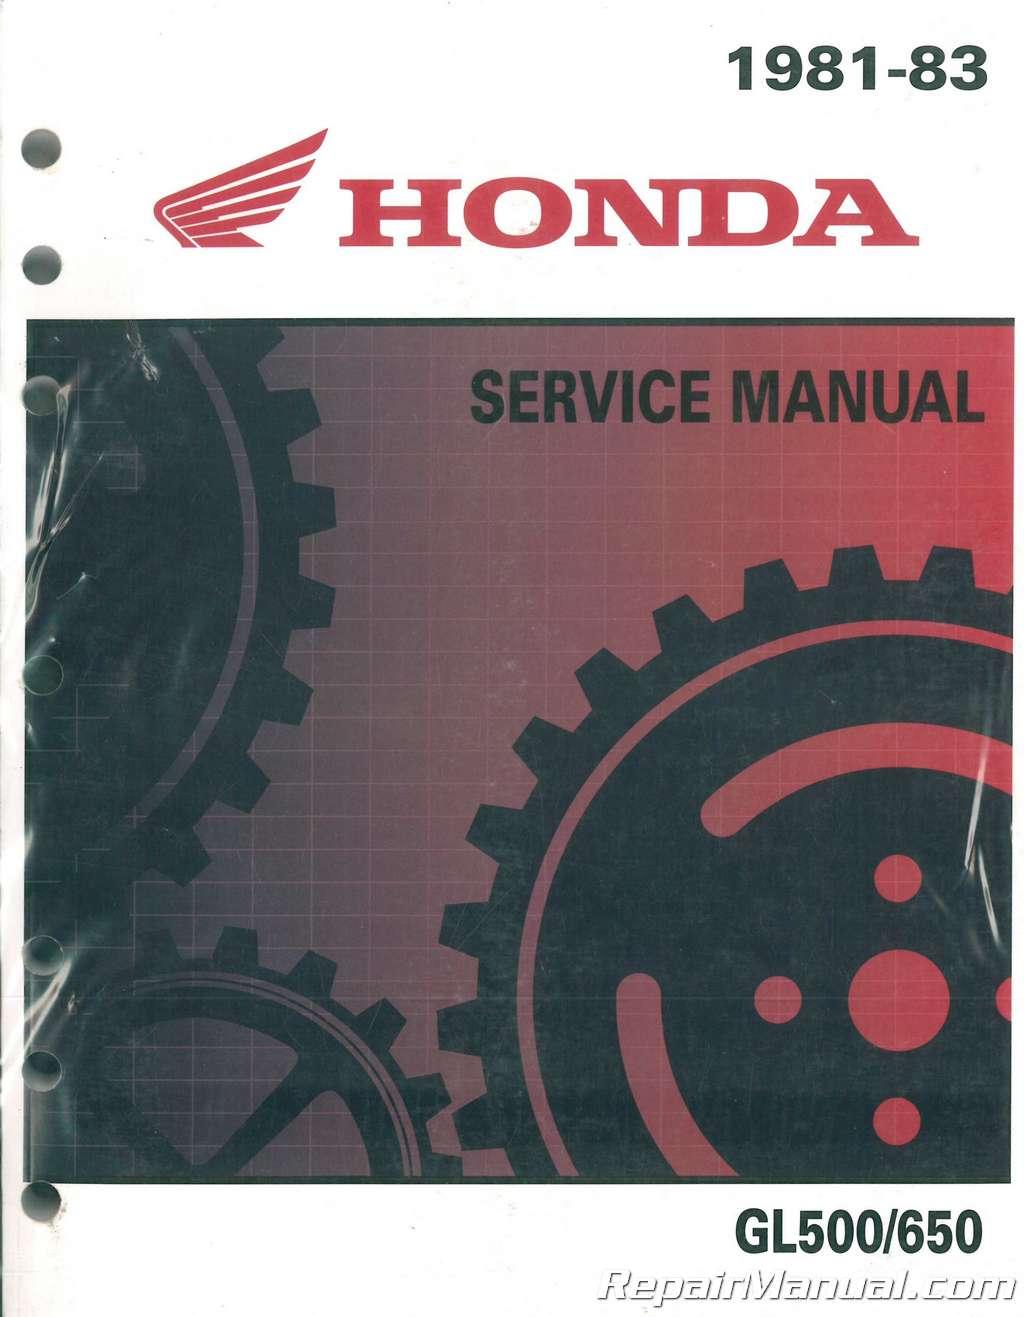 1981 honda gl500 manual pdf